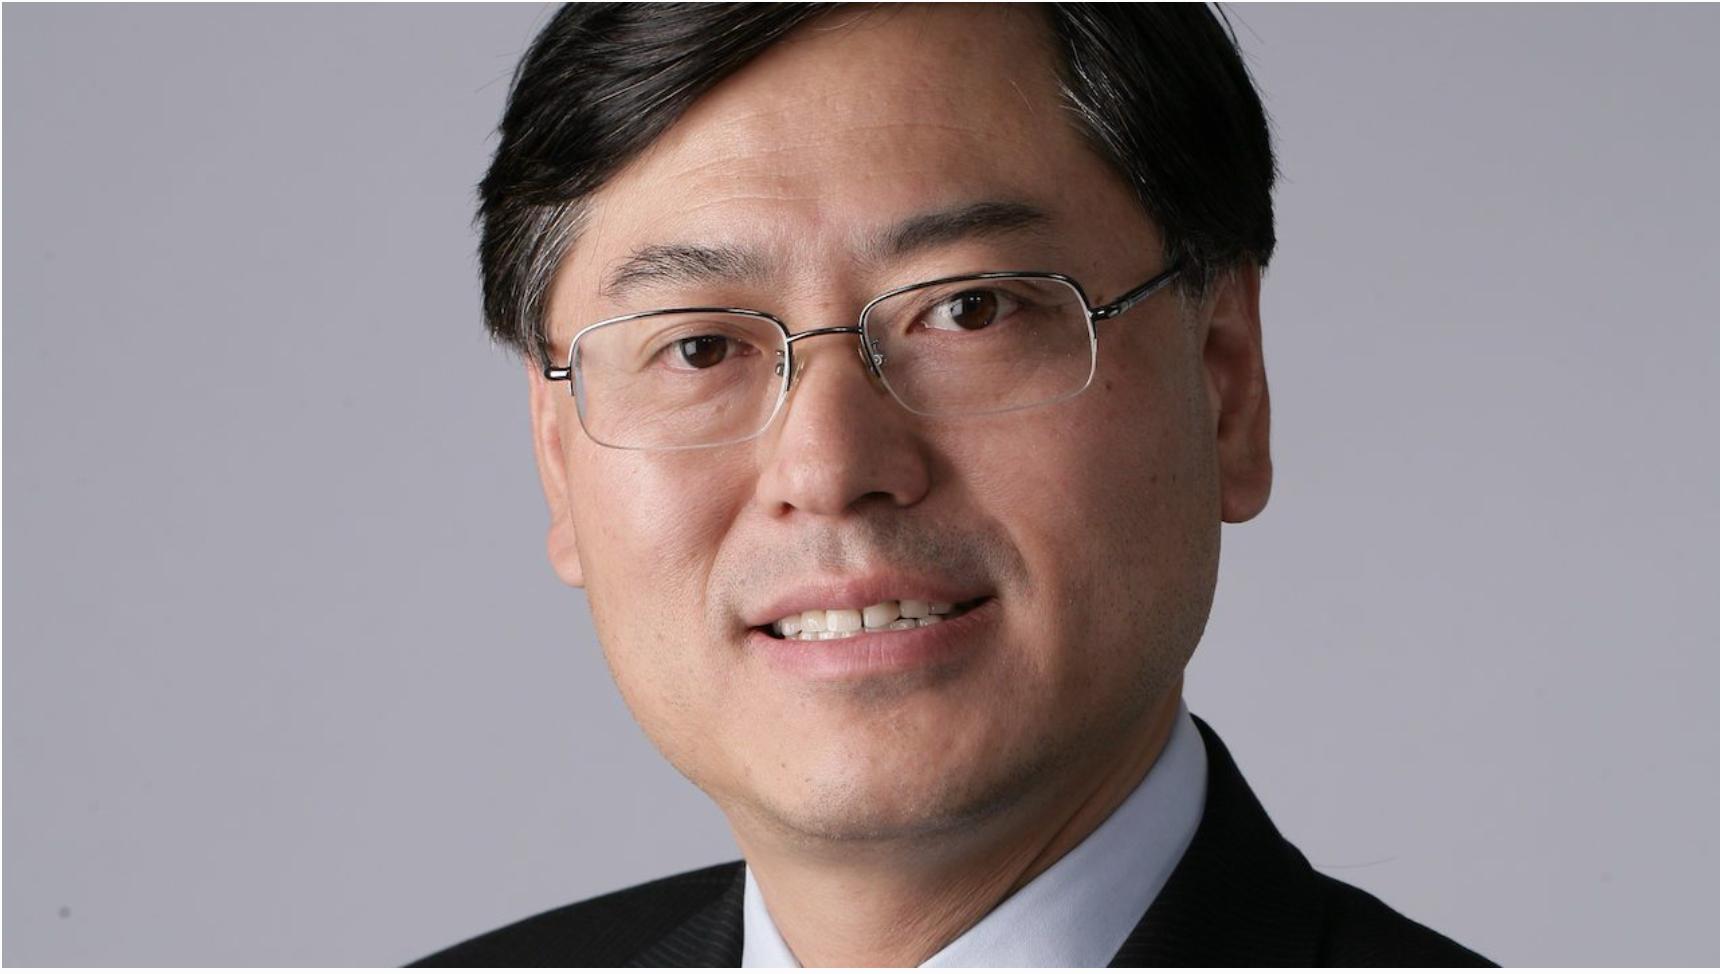 Exclusiva CEO global de Lenovo: 'no basta con entender el futuro, hay que saber cómo ejecutarlo'